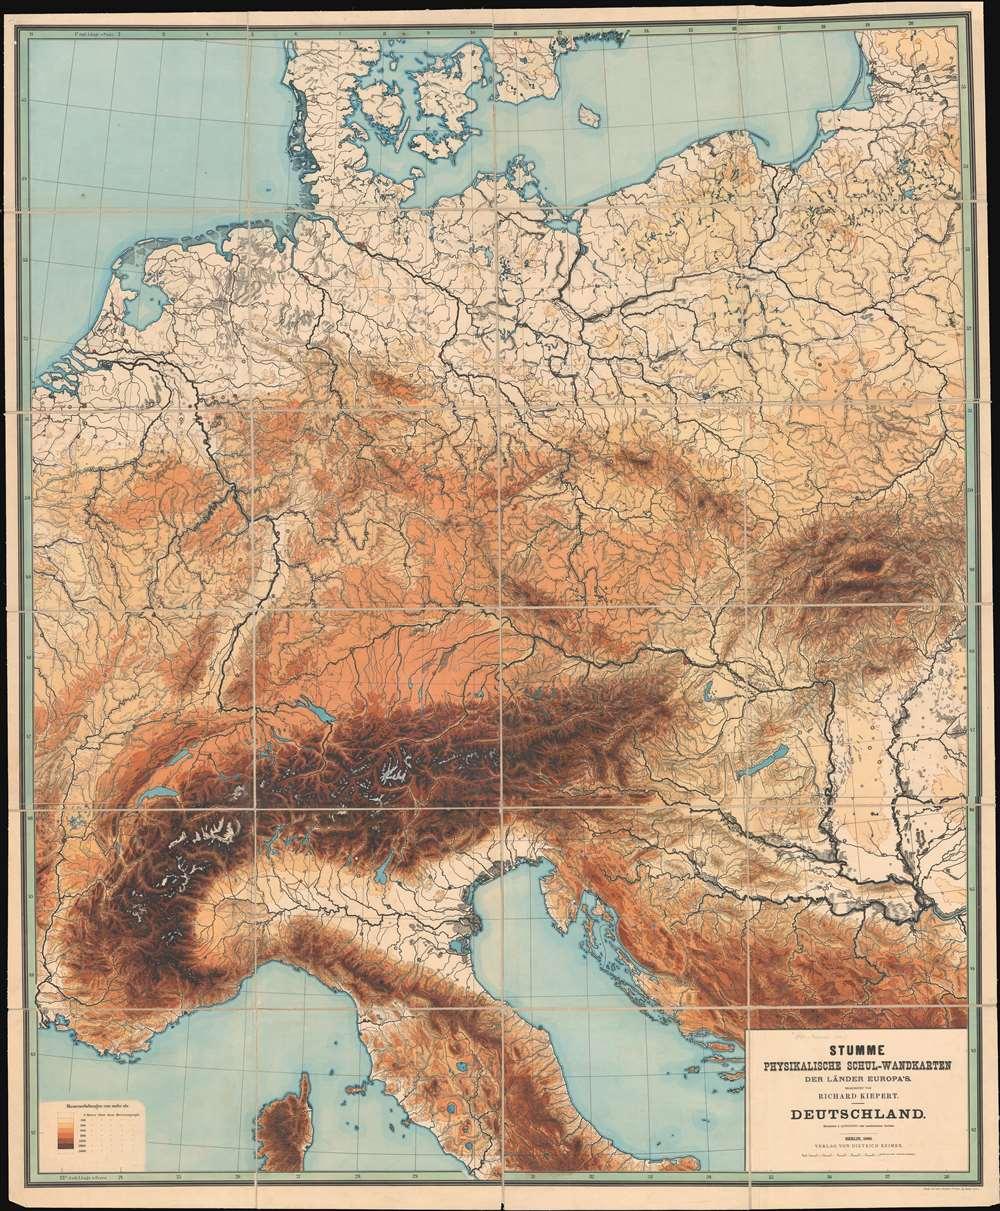 Stumme Physikalische Schul-Wandkarten der Länder Europas. Deutschland. - Main View